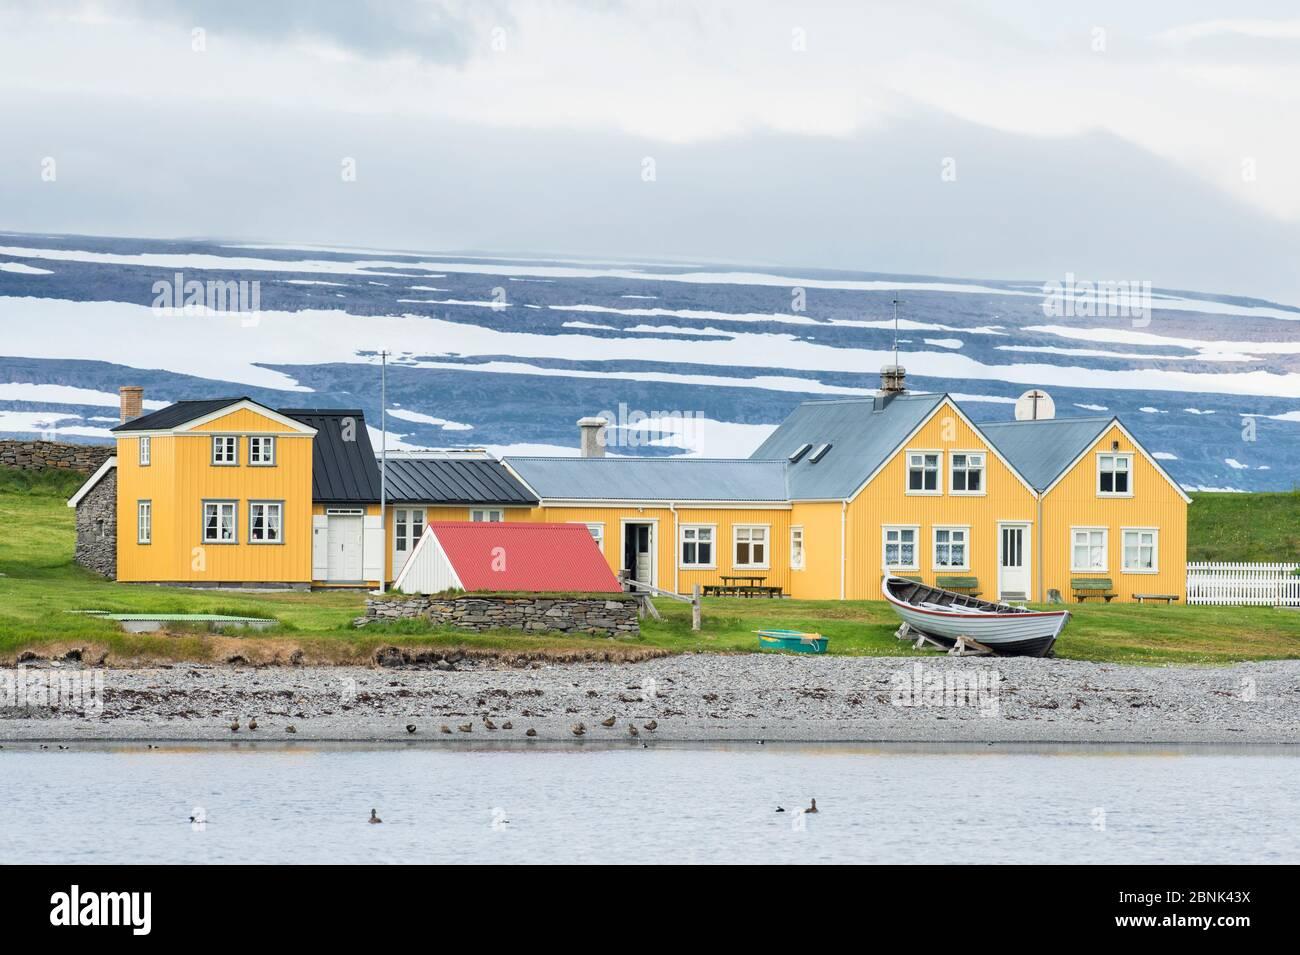 Vue de bâtiments le long des côtes, l'île de Vigur Westfjords, Islande. En juillet 2015. Banque D'Images